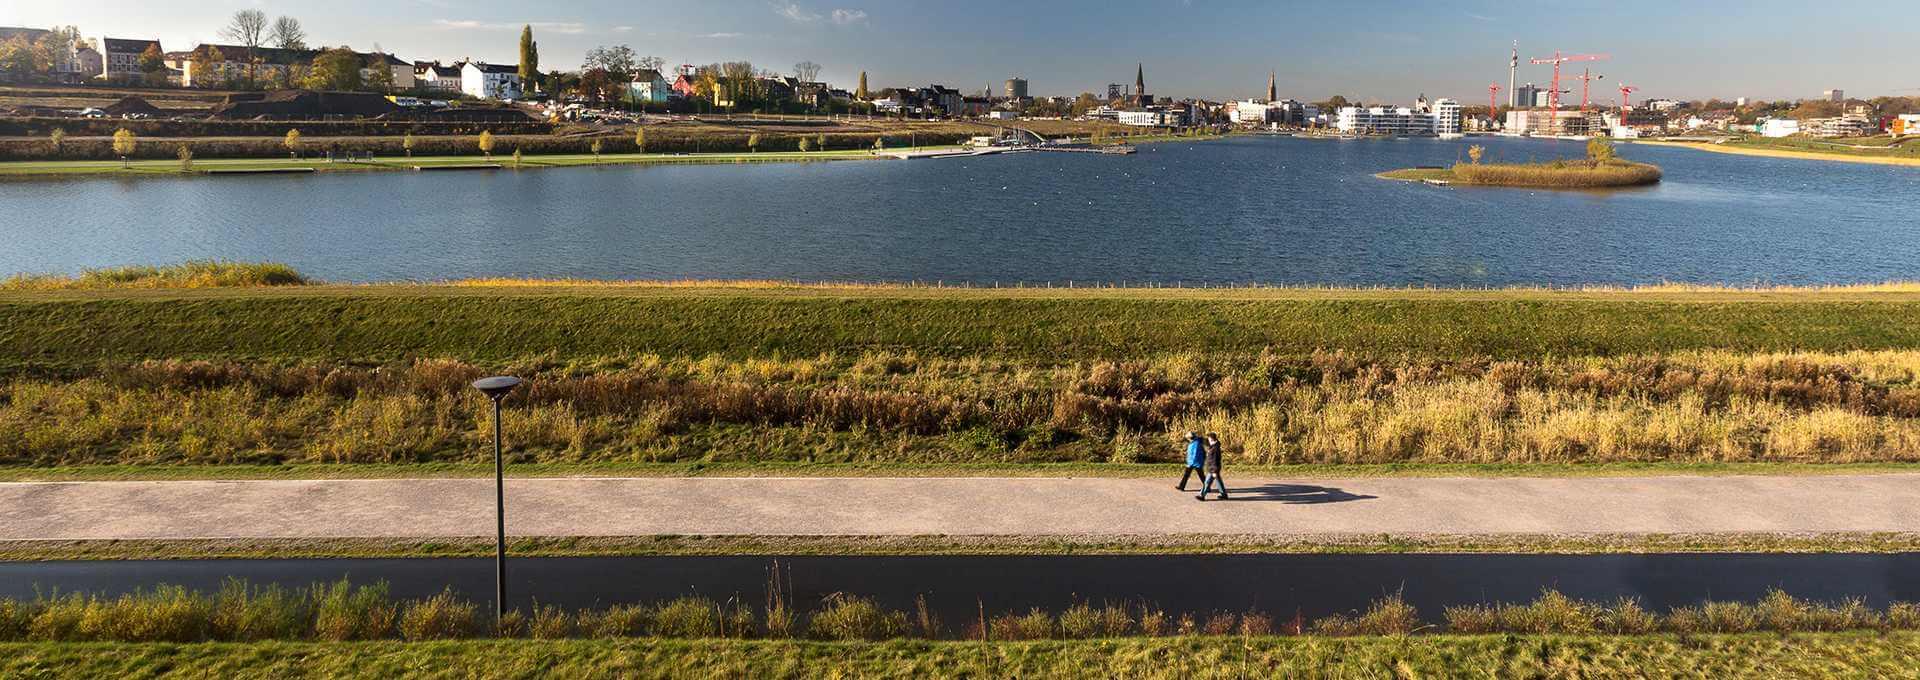 Fachbereich Umwelt - Phoenixsee Dortmund Startbild - Spiekermann GmbH Consulting Engineers